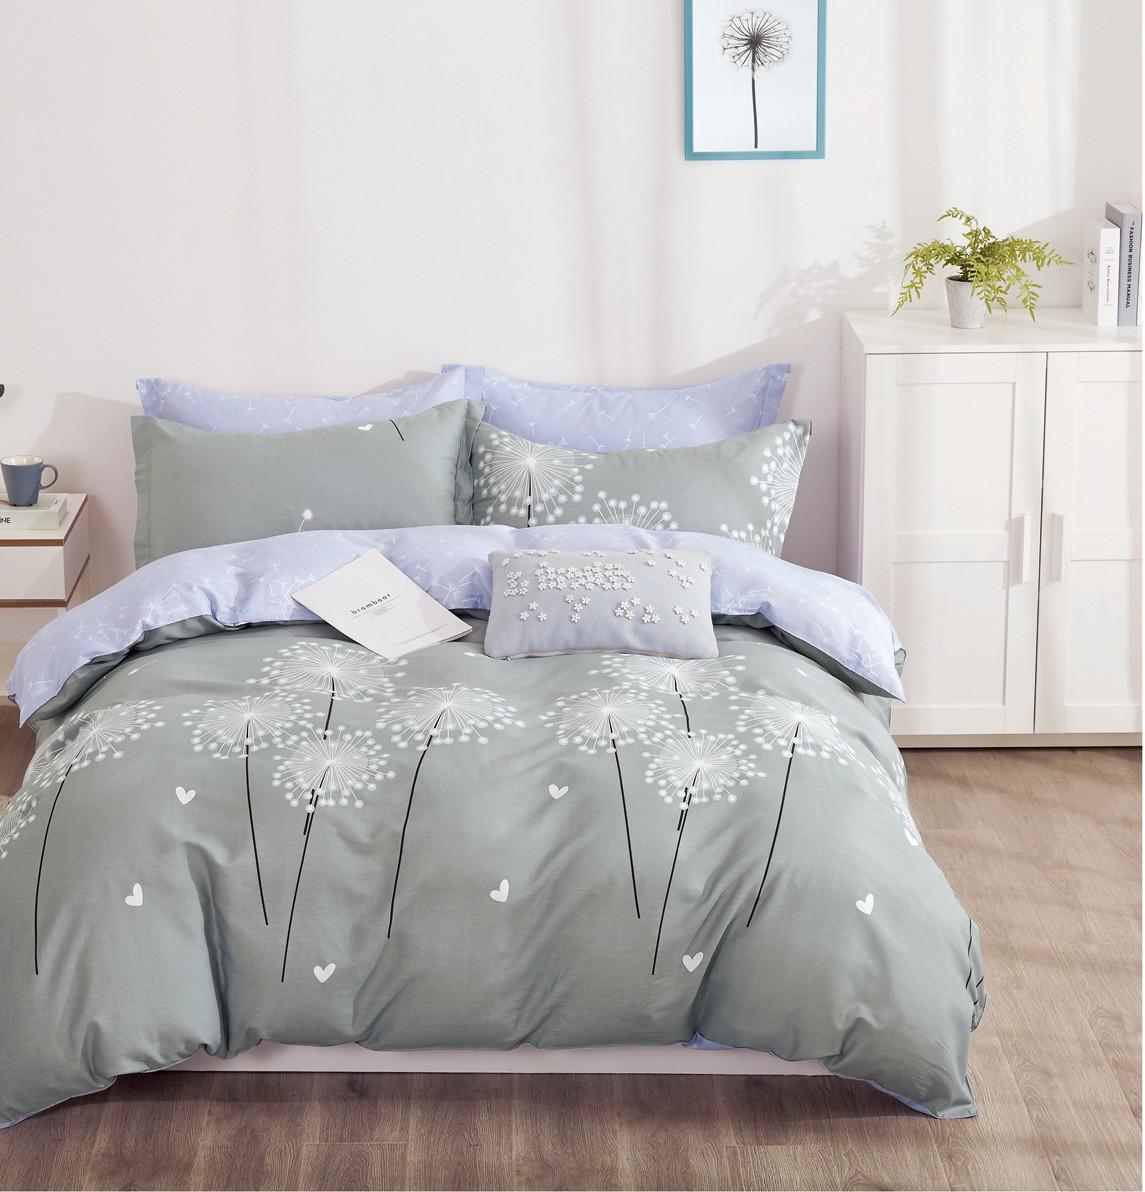 Комплект постельного белья семейный Bella Villa сатин серый с одуванчиками